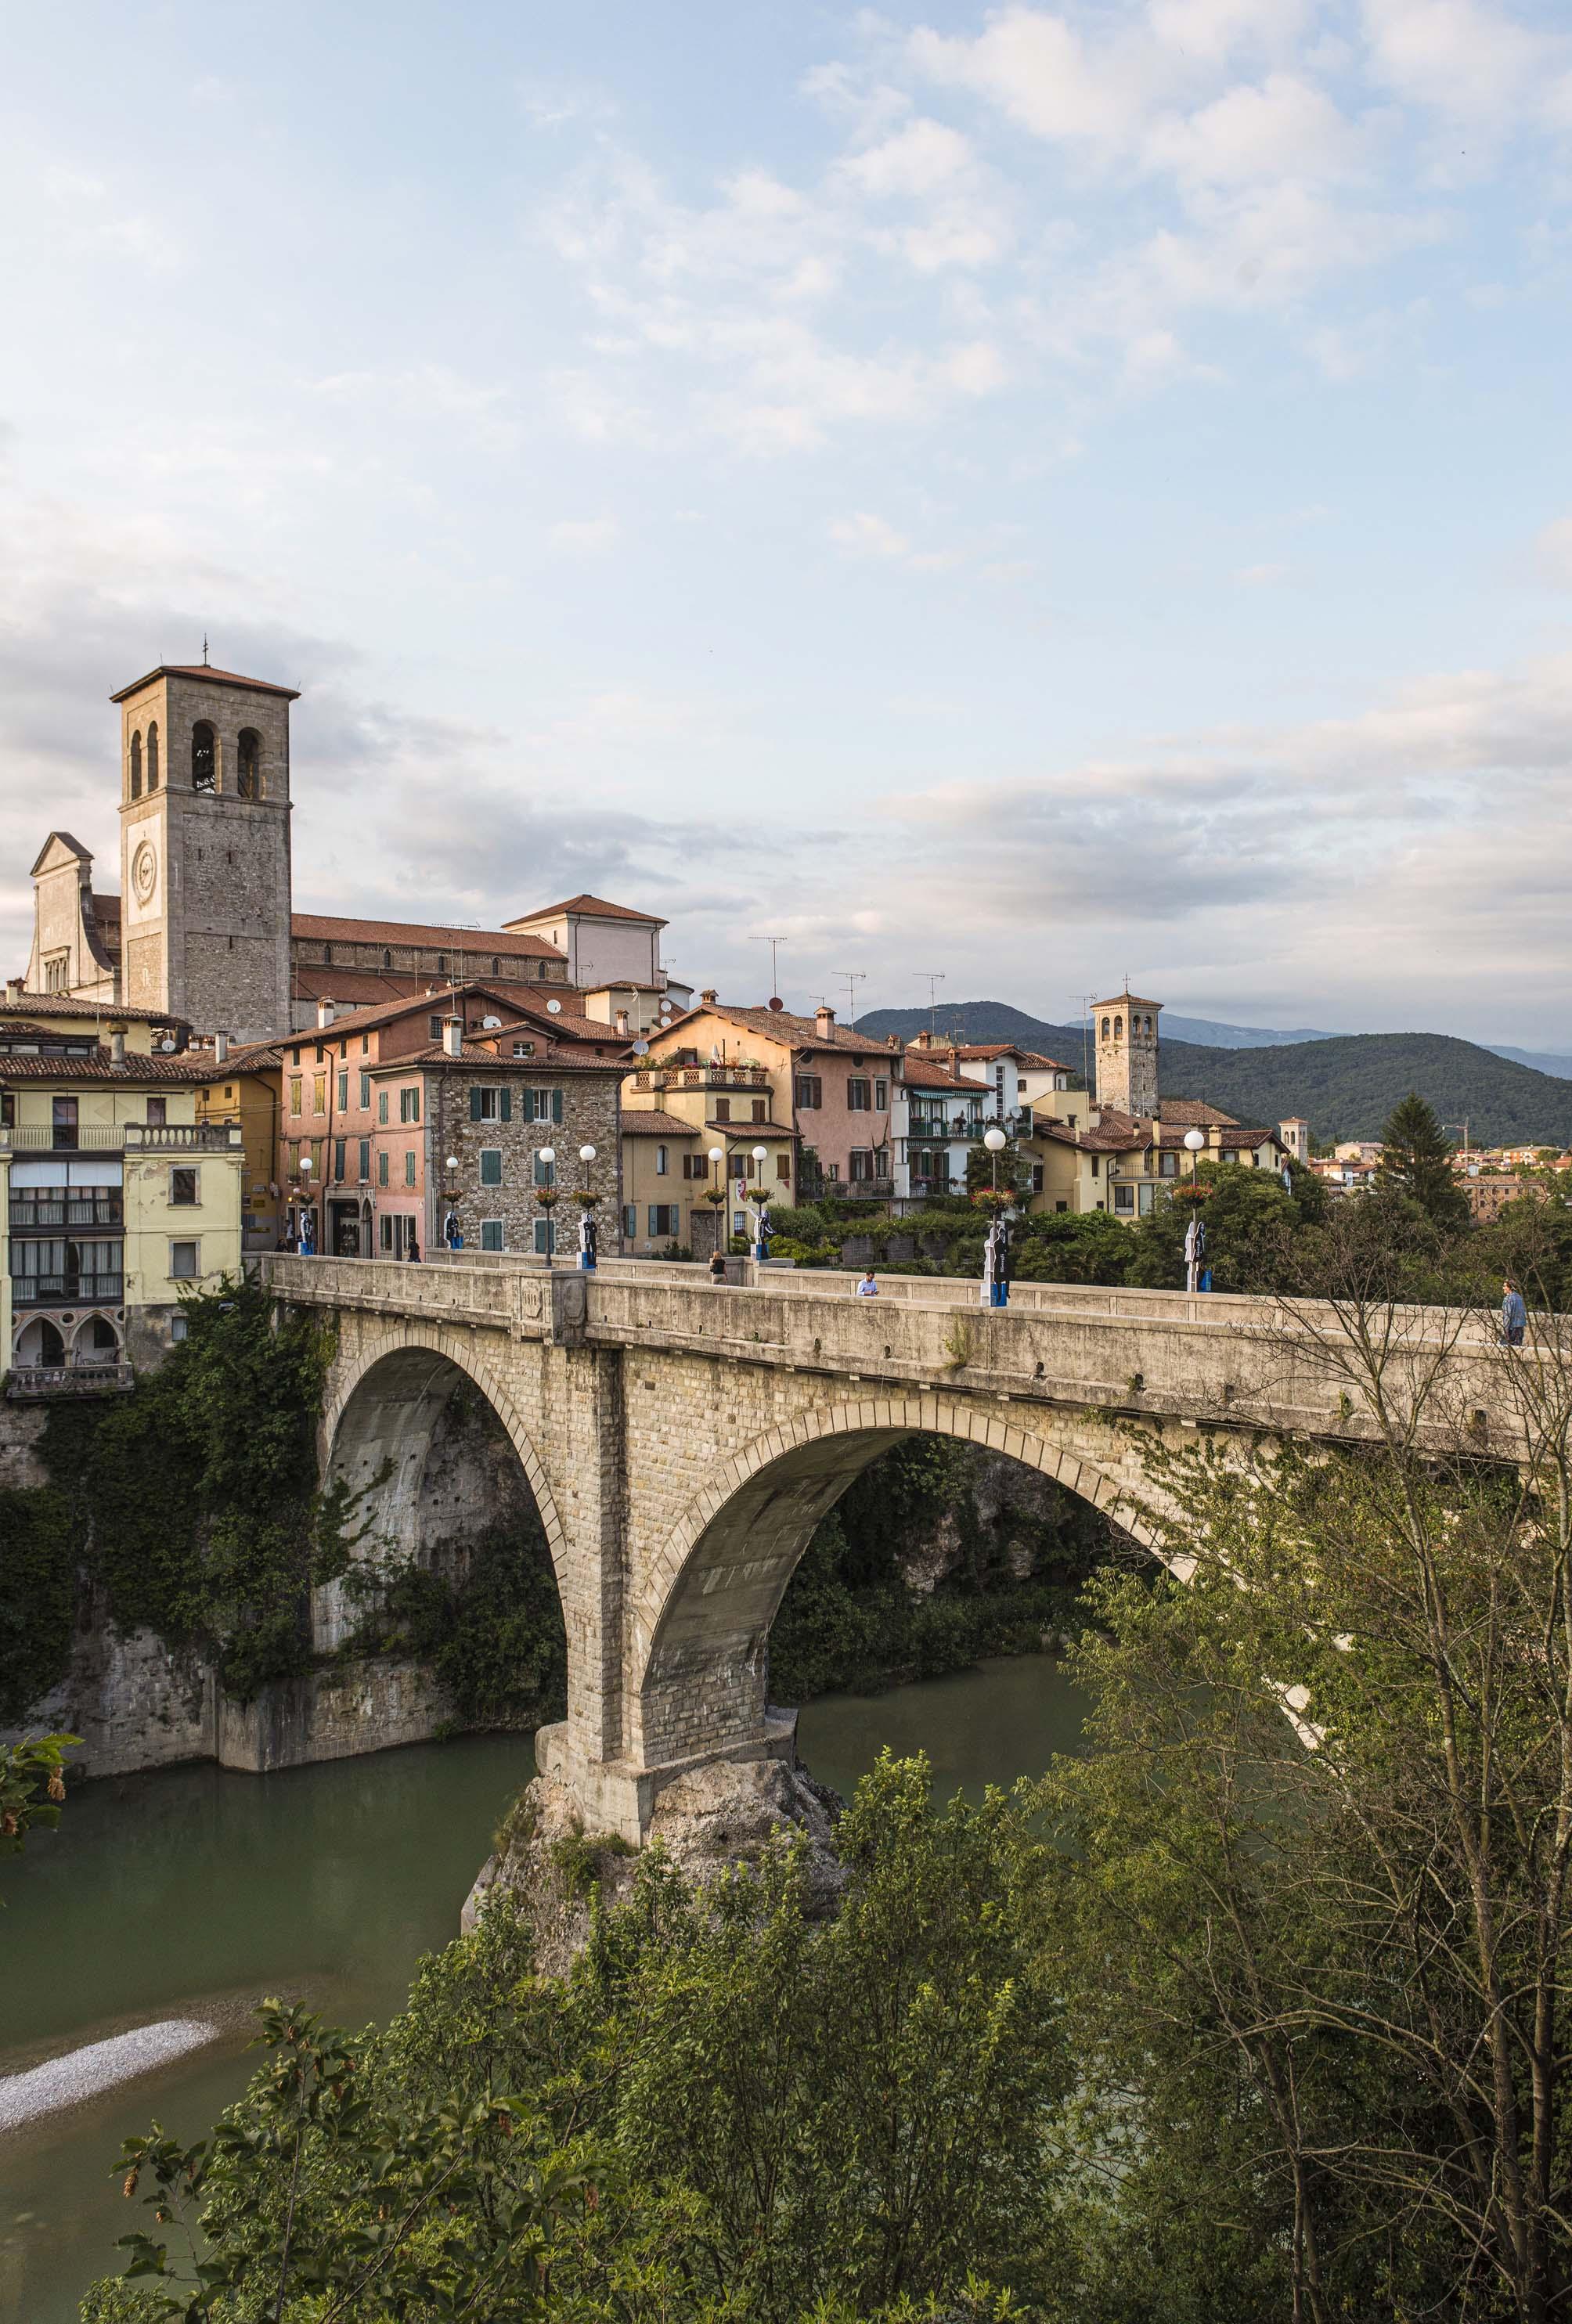 Cividale-Foto di Fabrice Gallina-Il fascino del Friuli Venezia Giulia